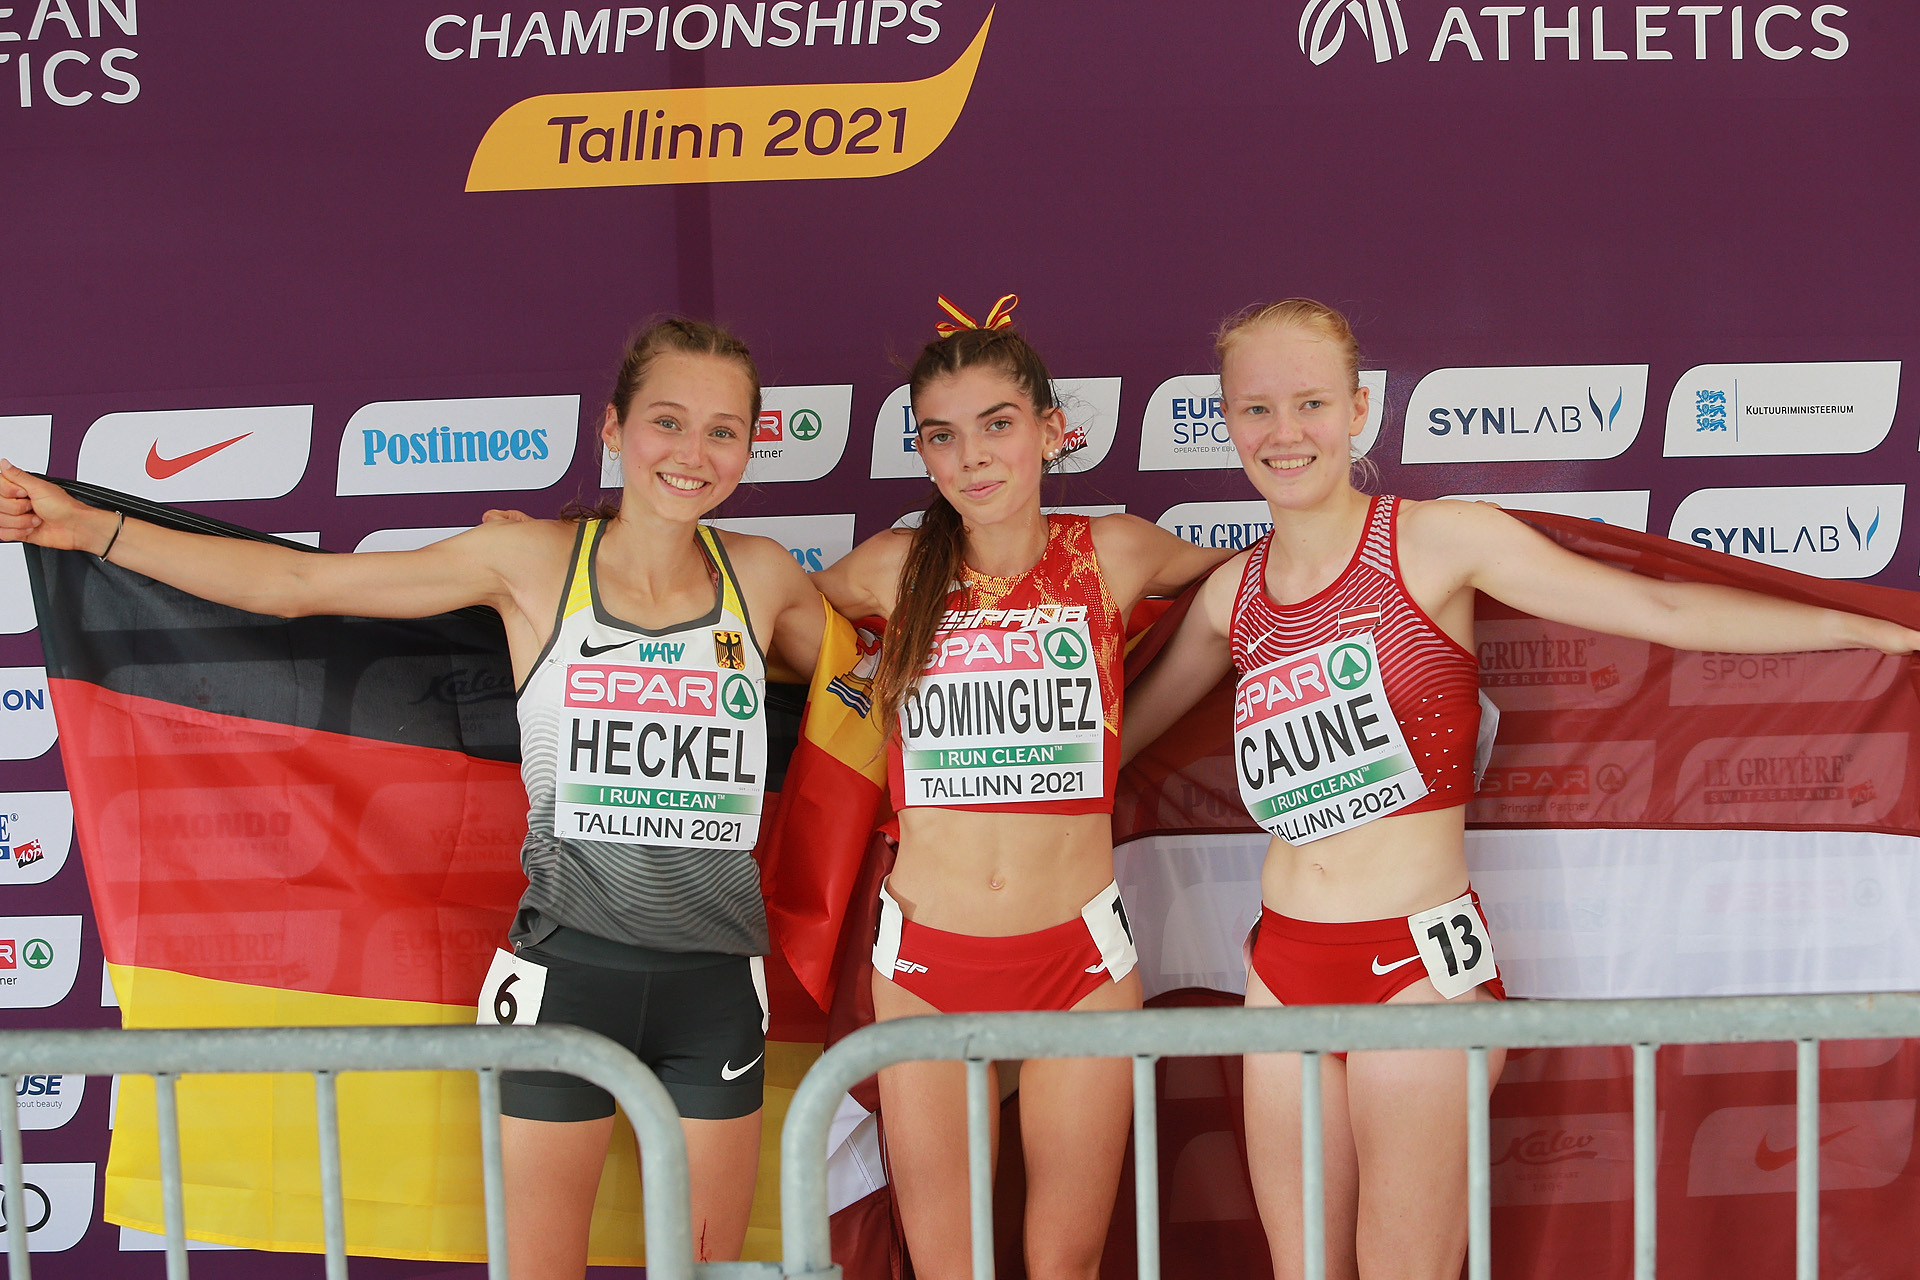 5000m_jenter_medaljoerene_AZ3T2431.jpg